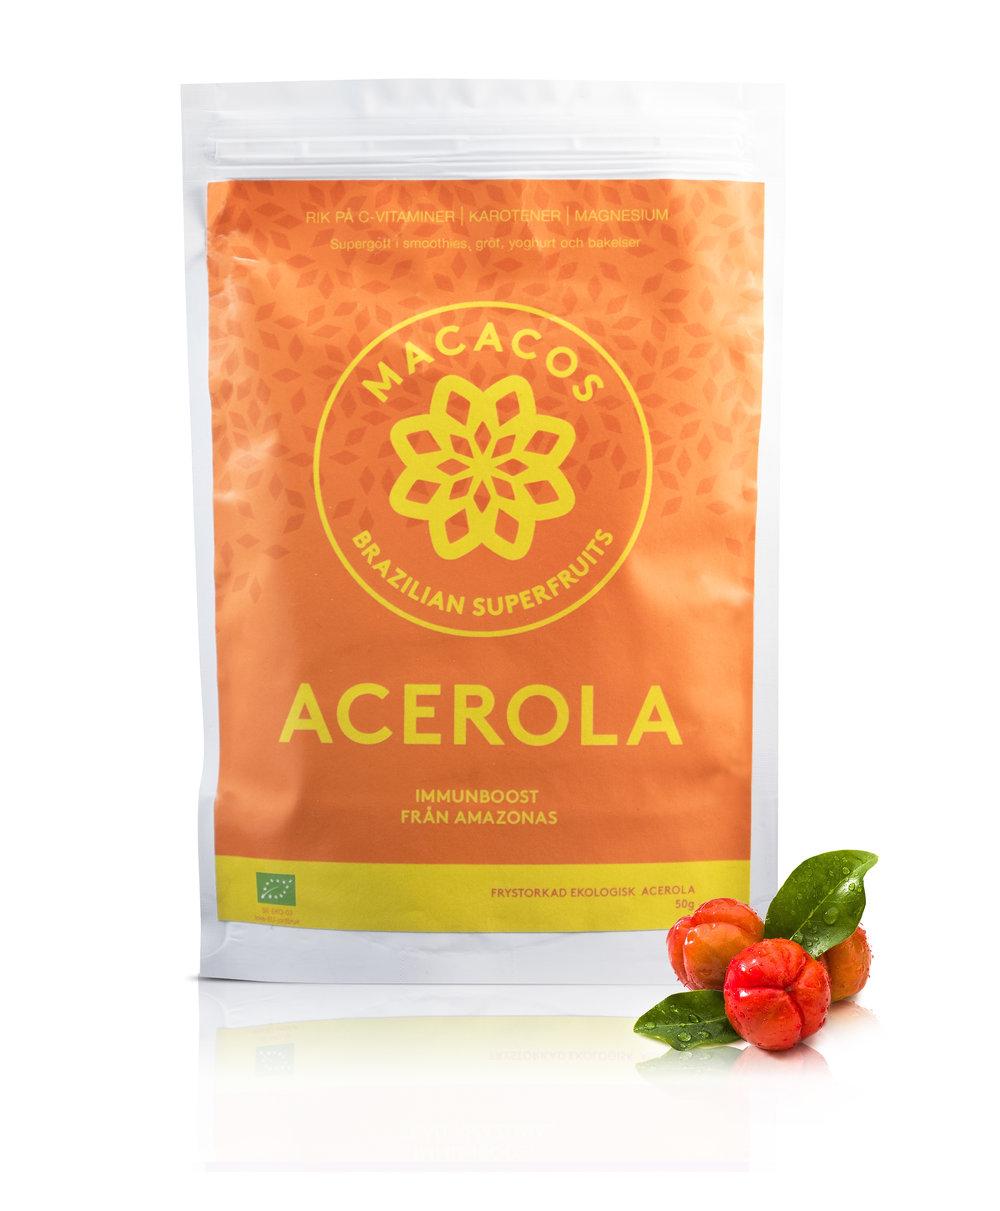 Acerolapulver 50g (Ekologisk)  Acerola är en riktig immunboost! Pga sin enorma mängd C-vitamin har Acerola lite citrusliknande smak (syrlig/sur) och 1 acerolafrukt innehåller ungefär lika mycket C-vitamin som 90 apelsiner! Därför räcker det med 1/2 tsk acerolapulver varje dag för att få i dig tillräckligt.